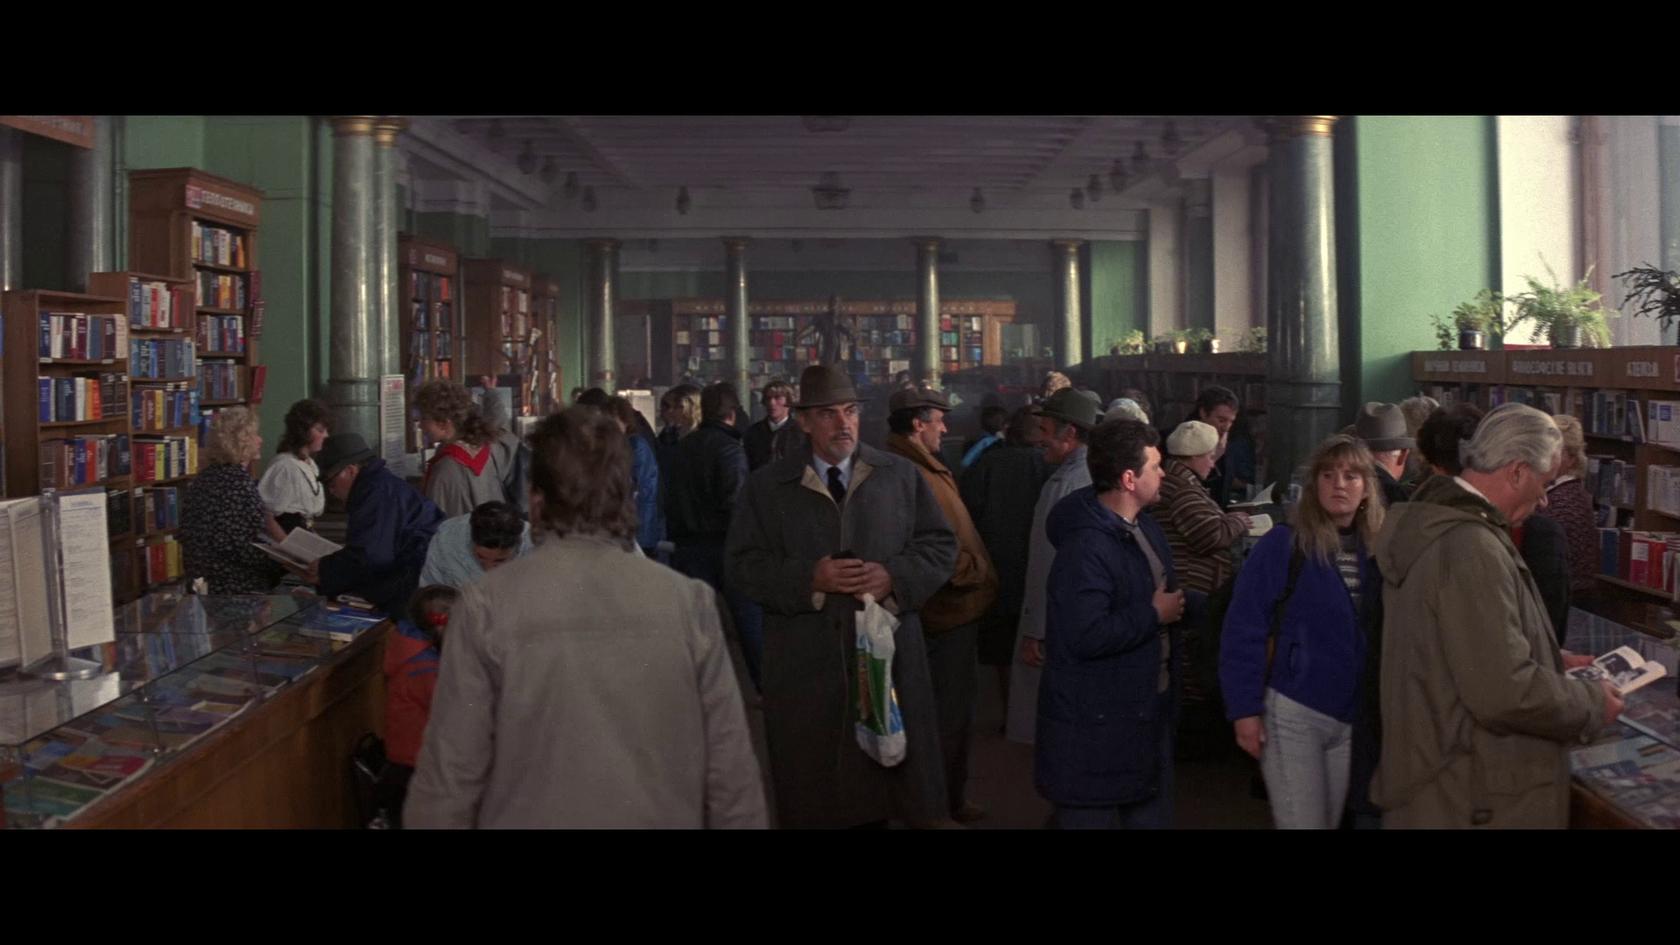 Коннери изучает ассортимент Дома книги. Из-за спины за ним наблюдает скульптурный Ленин.